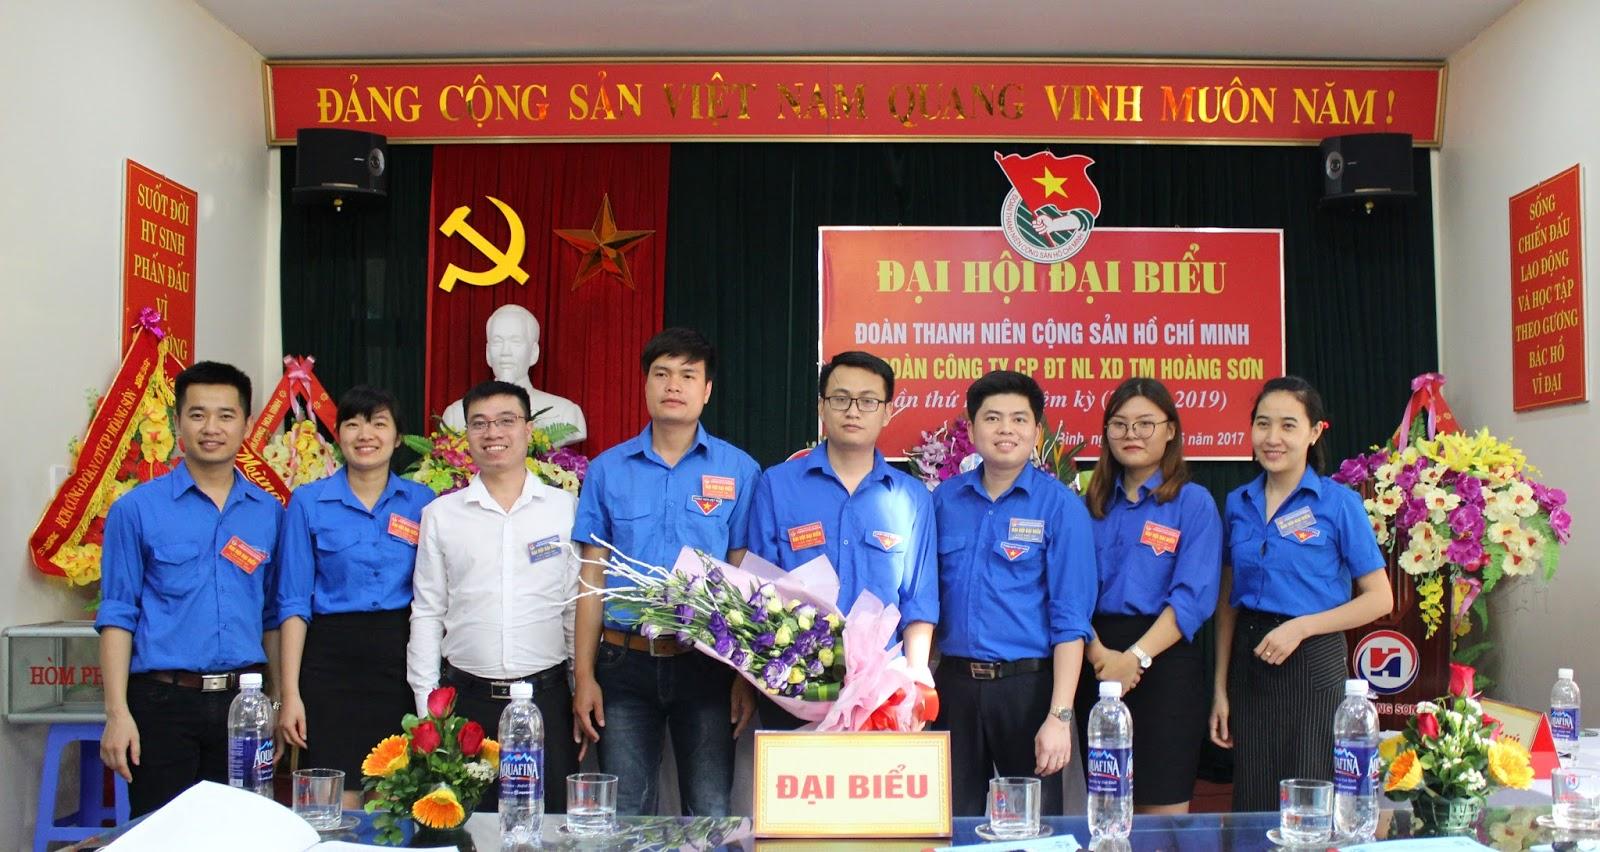 Đại hội Chi đoàn Công ty cổ phần ĐTNL XDTM Hoàng Sơn lần thứ III thành công tốt đẹp